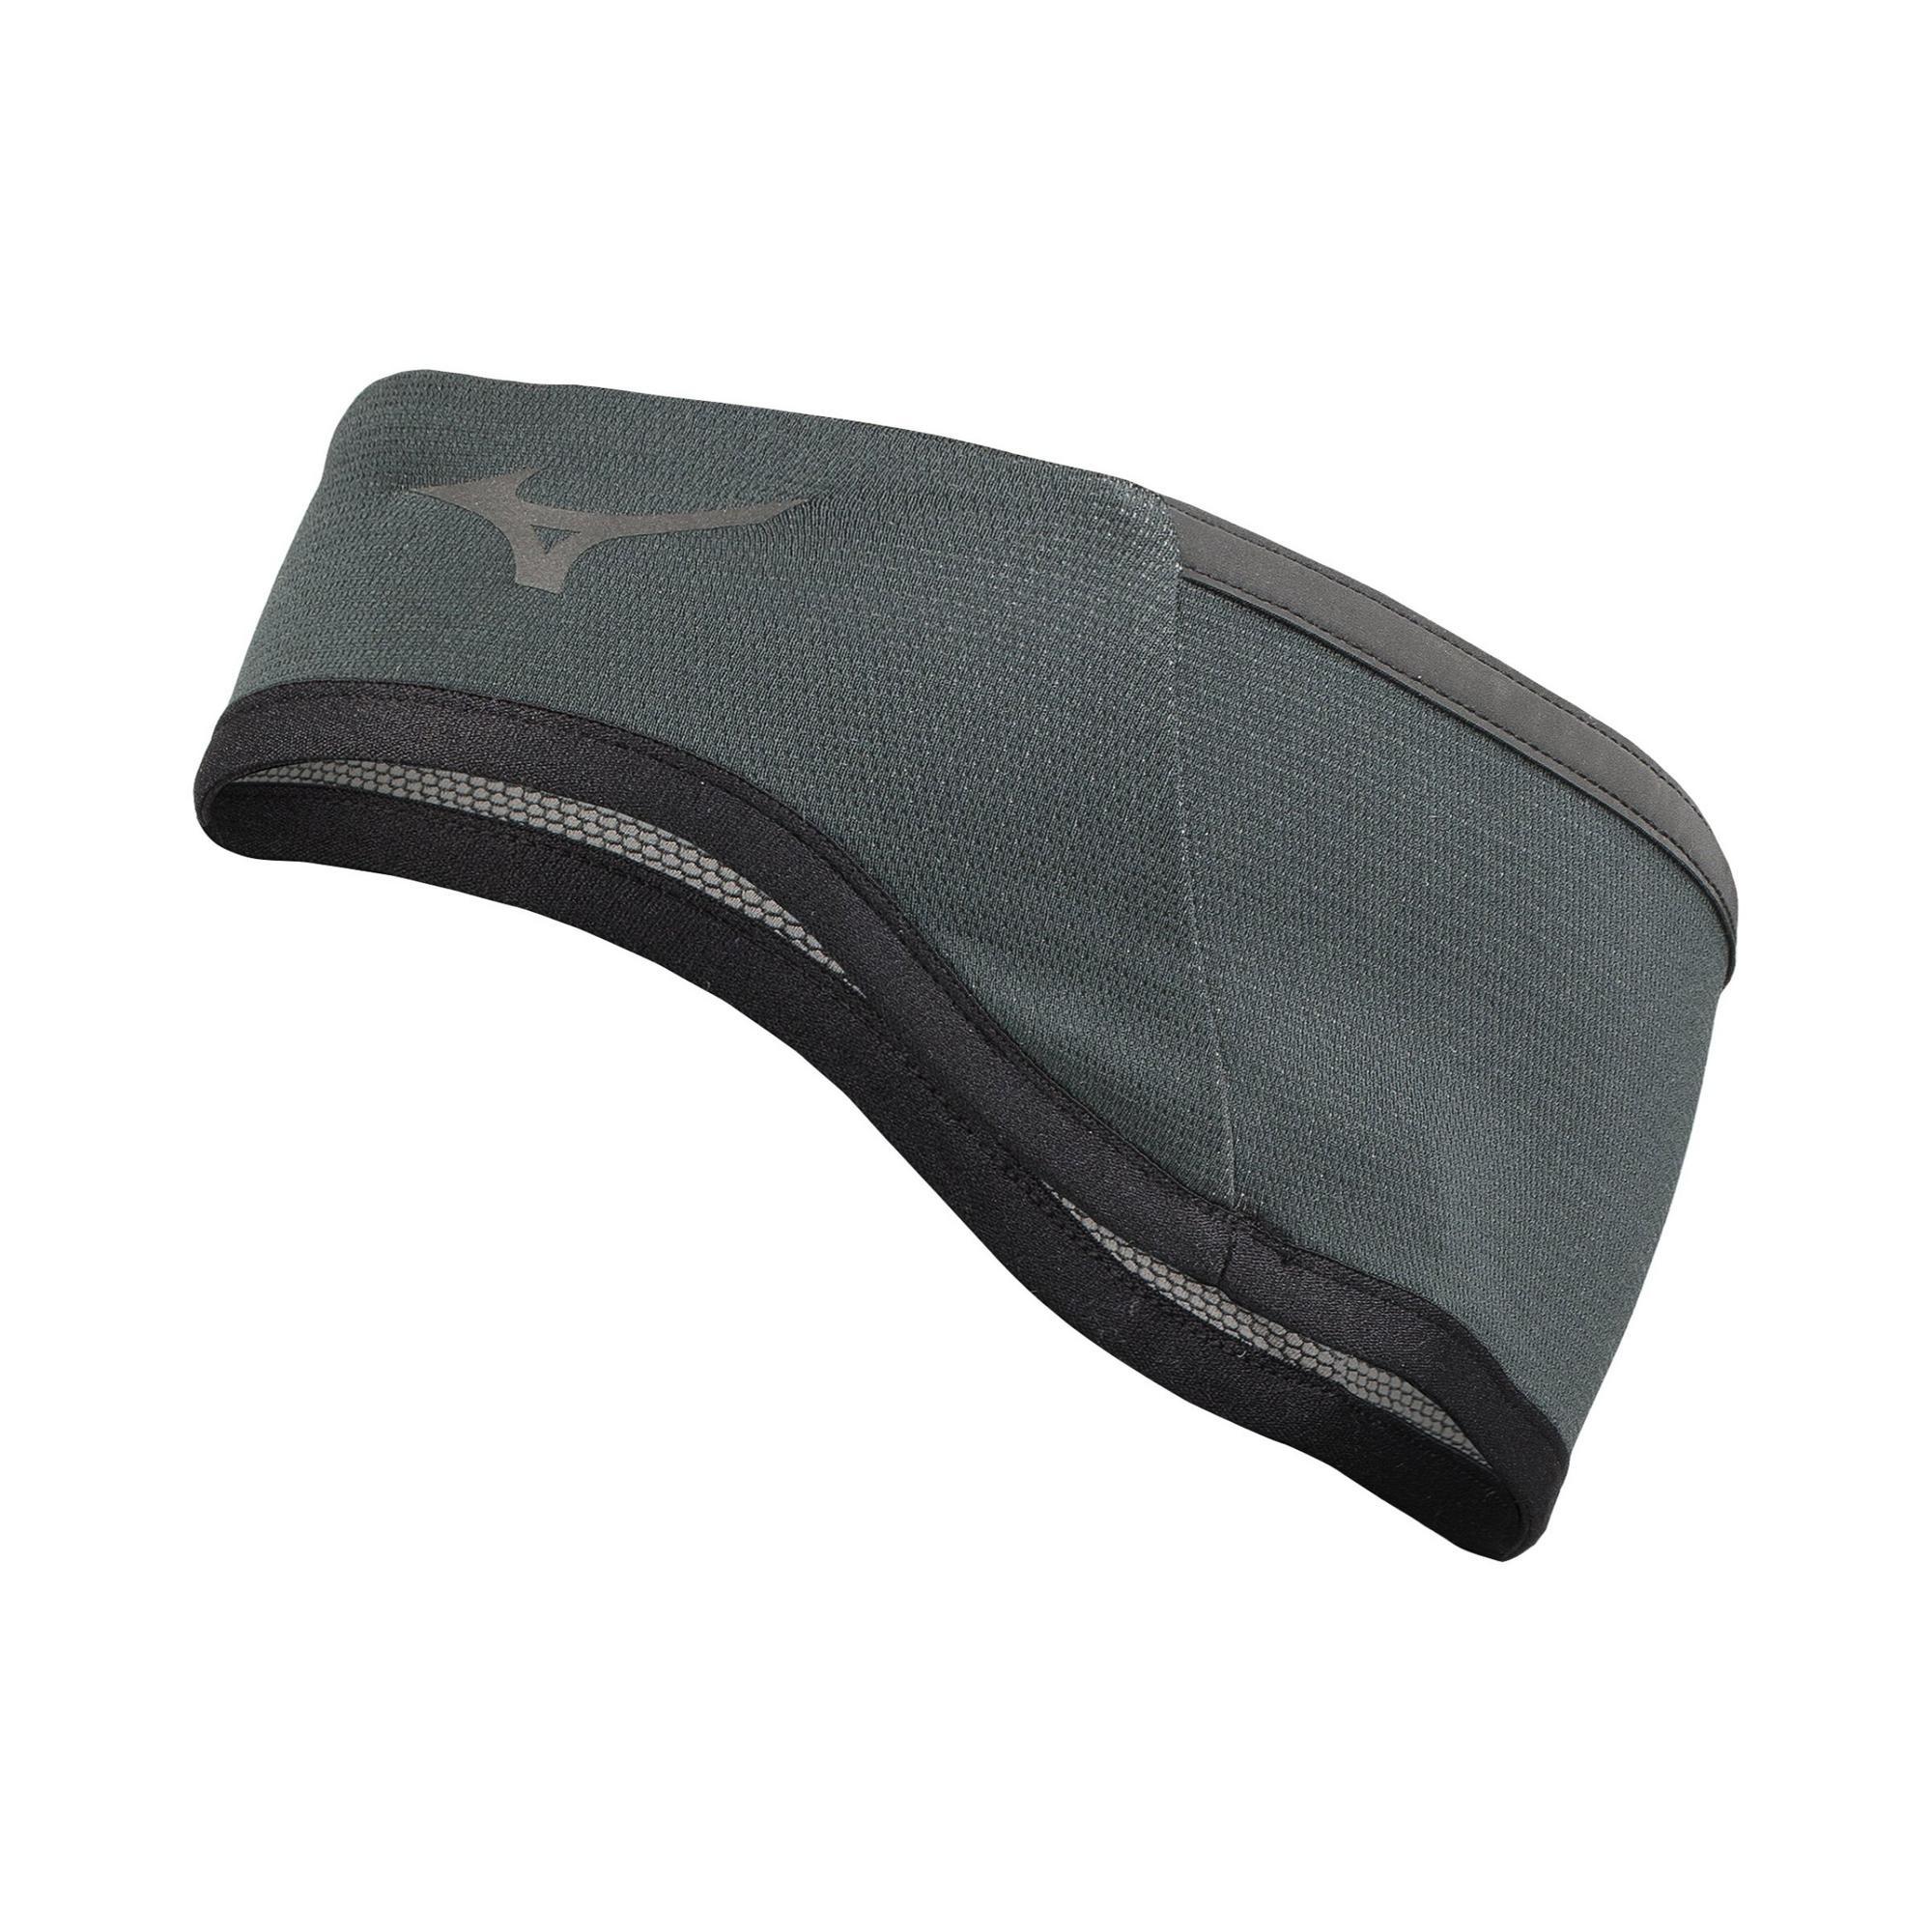 Mizuno Mizuno Breath Thermo Headband, Black